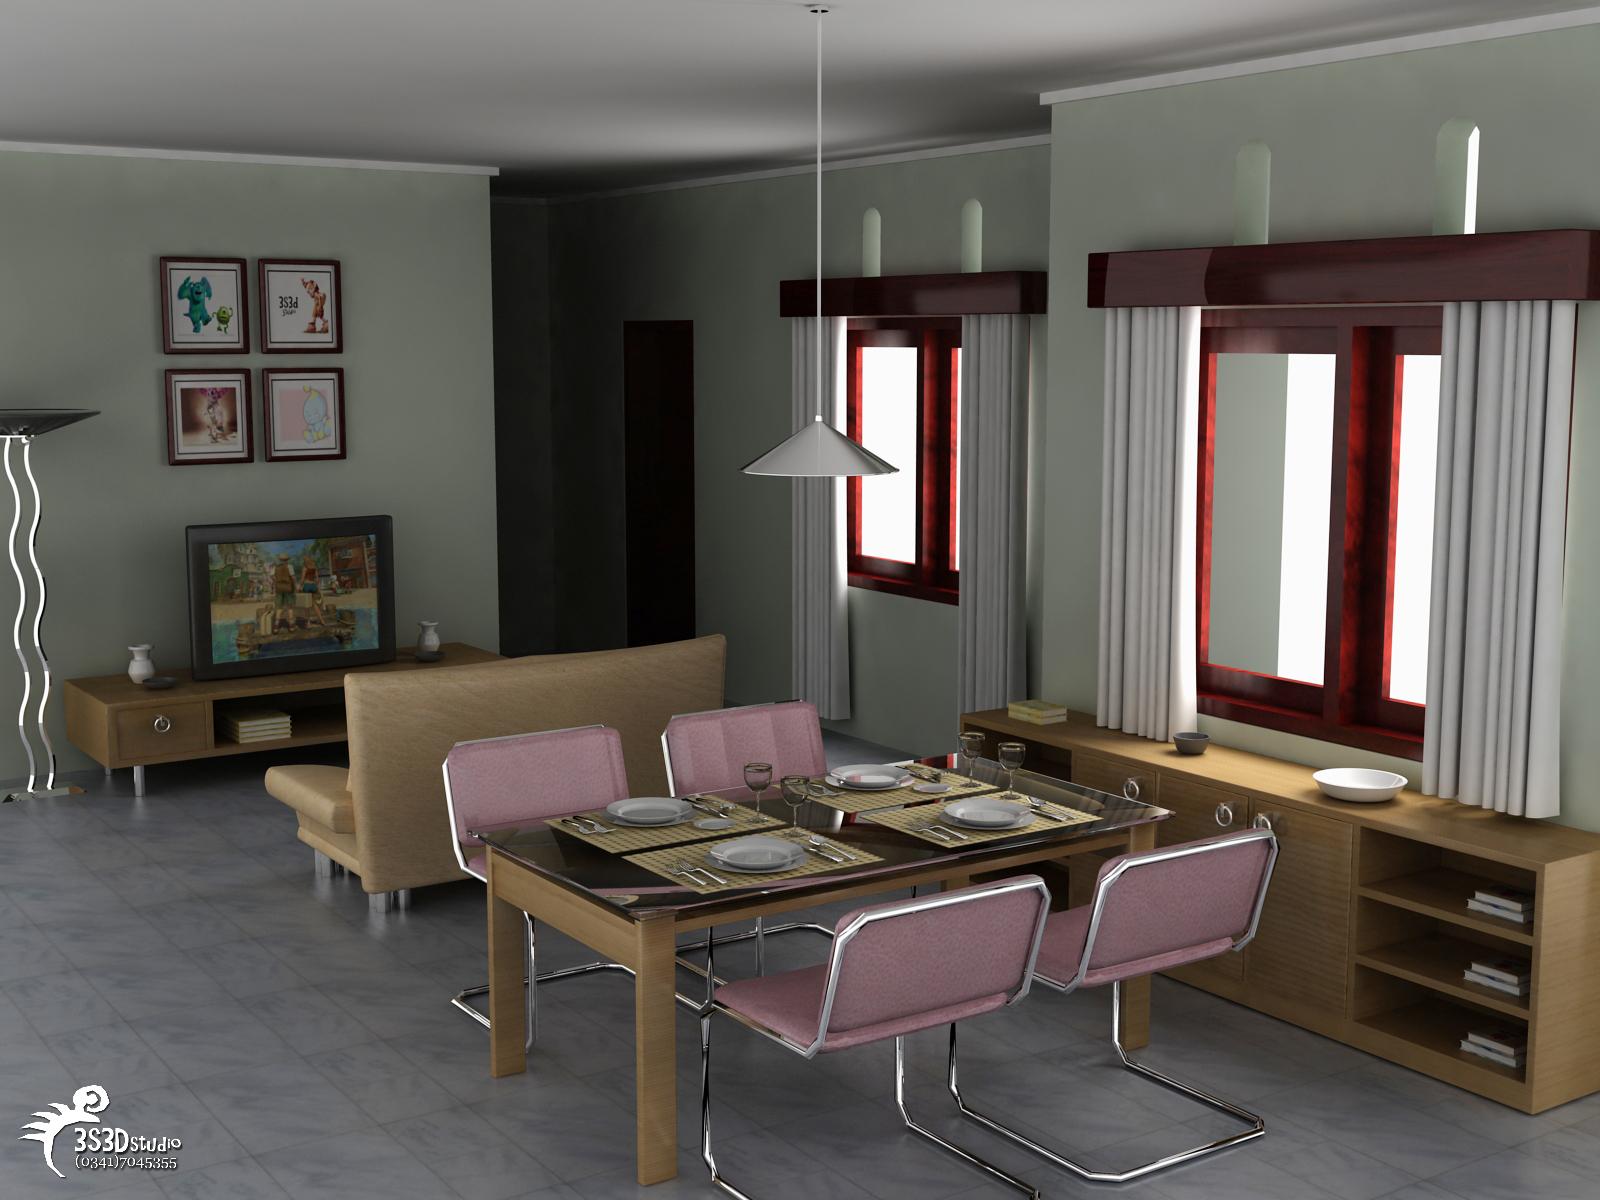 design interior rumah interior ruang keluarga 3